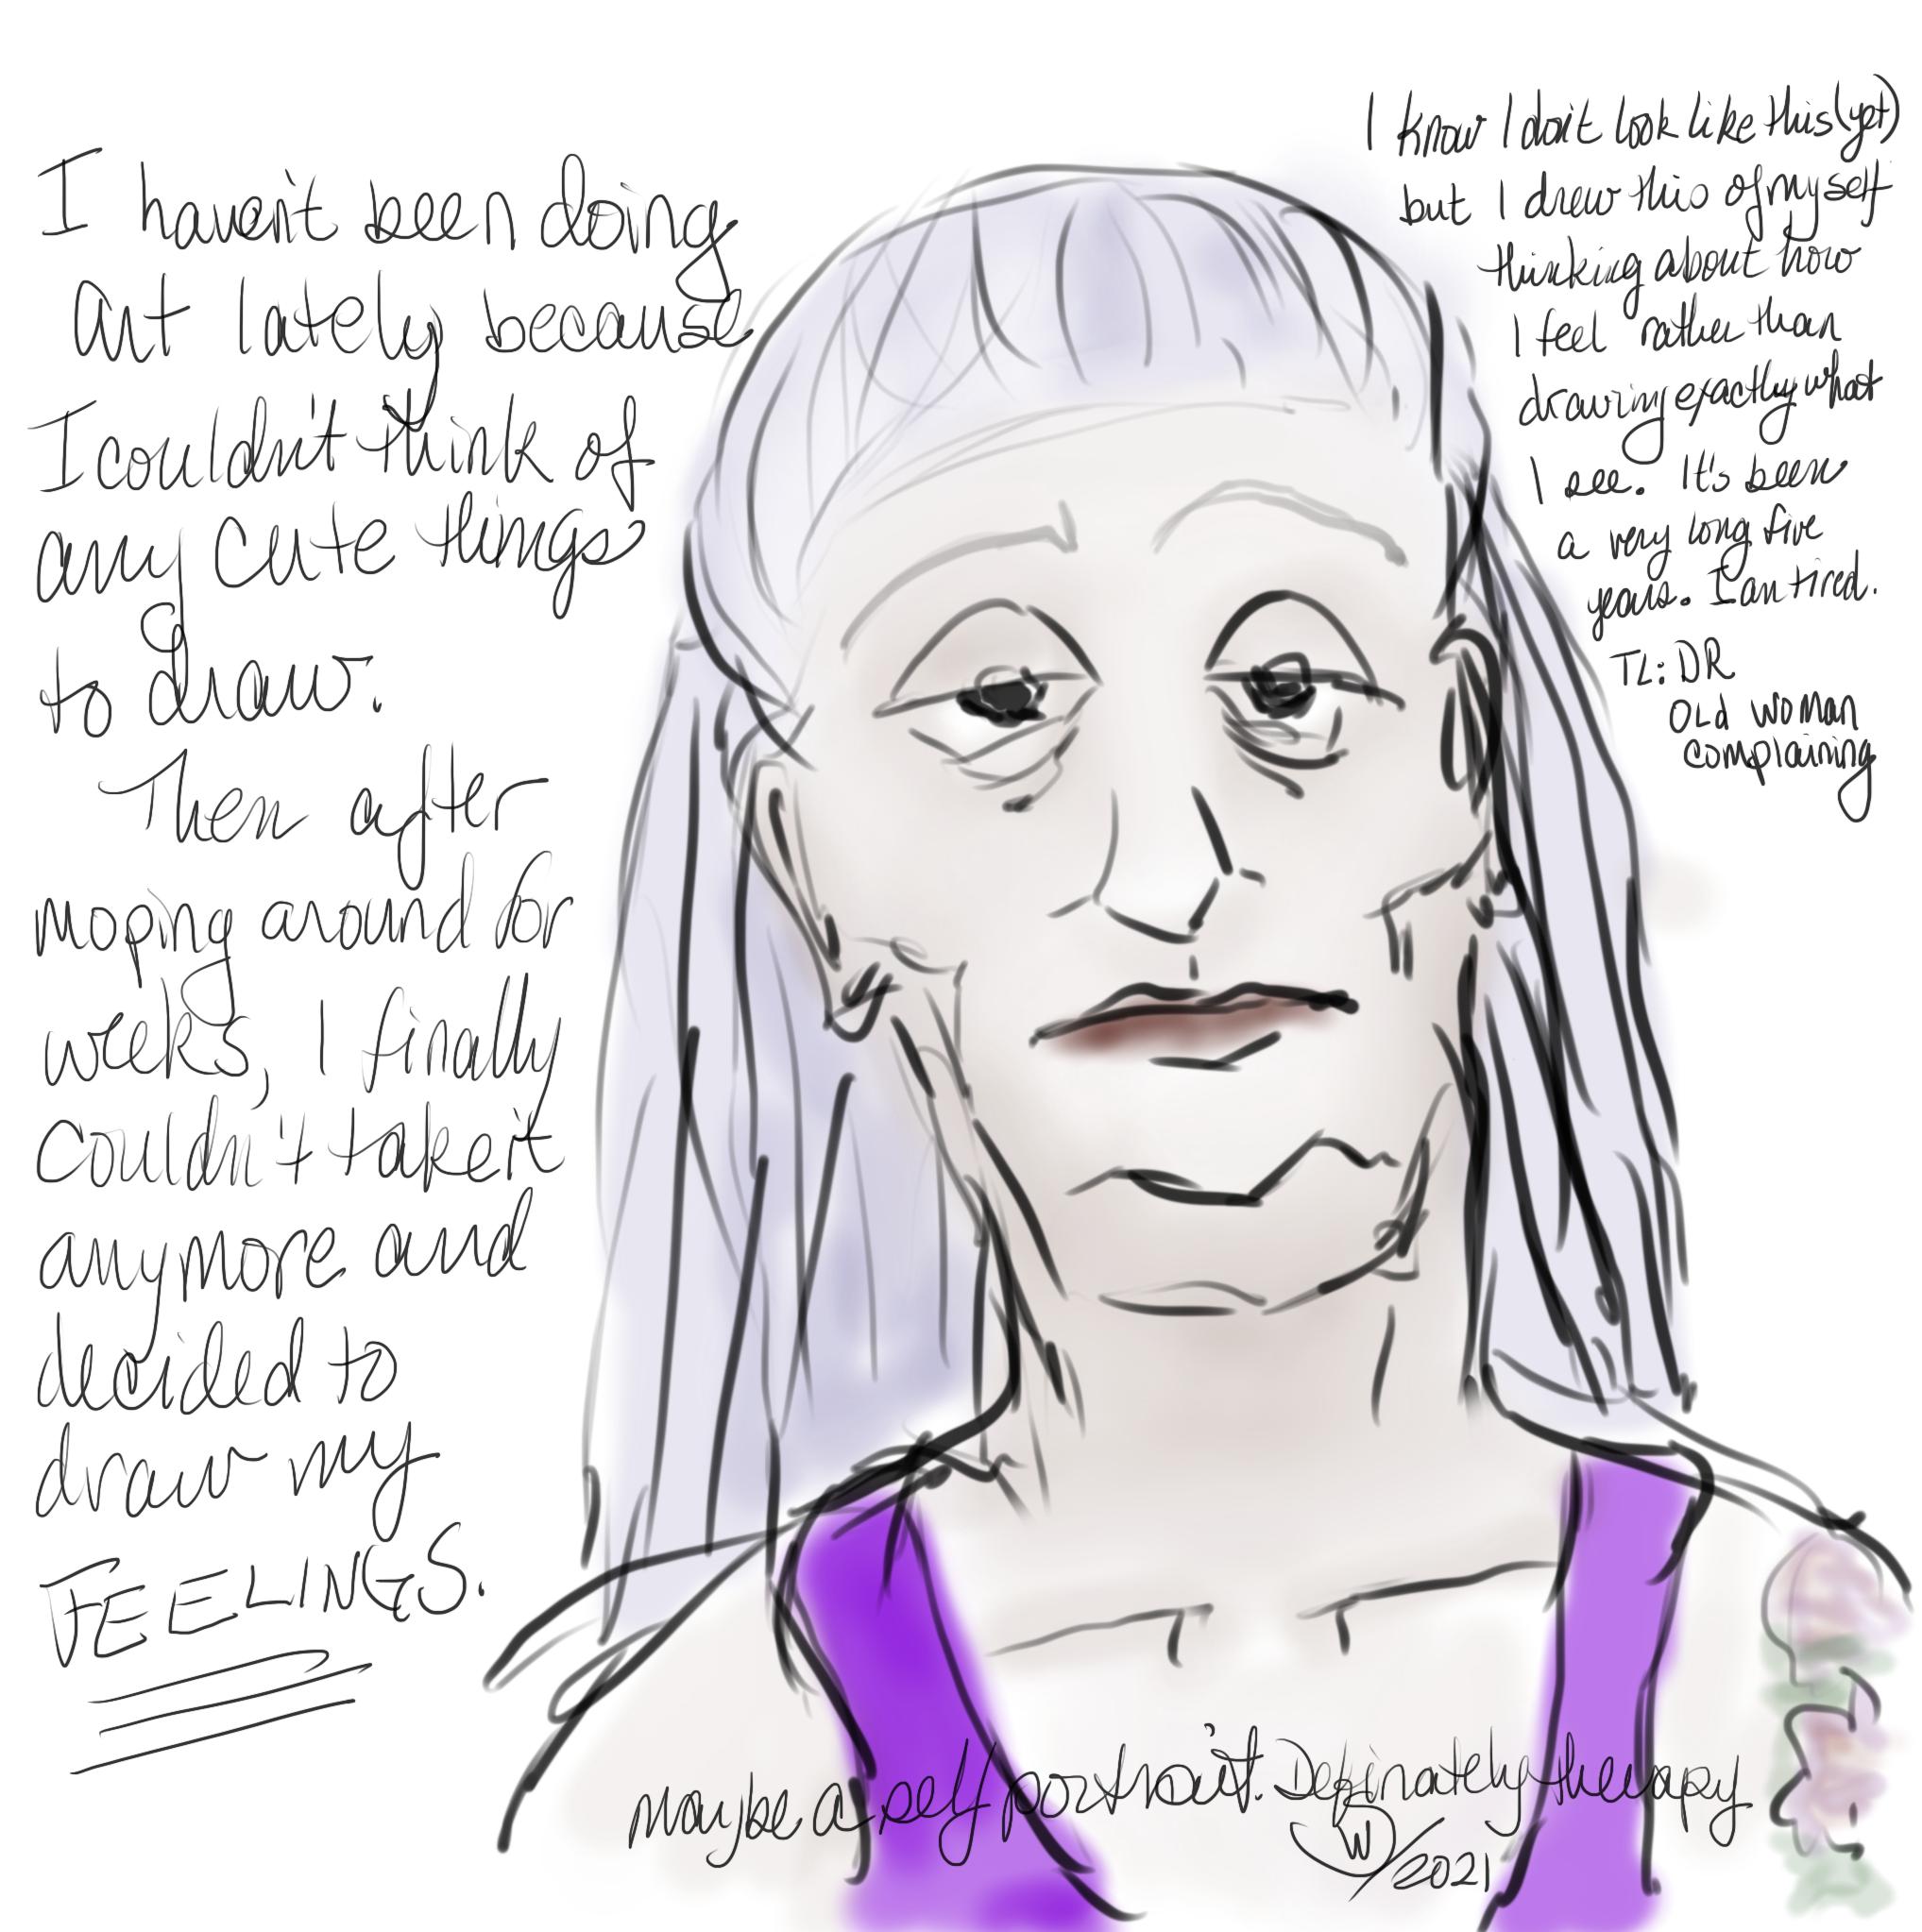 Wendy Sheridan drawing of feelings